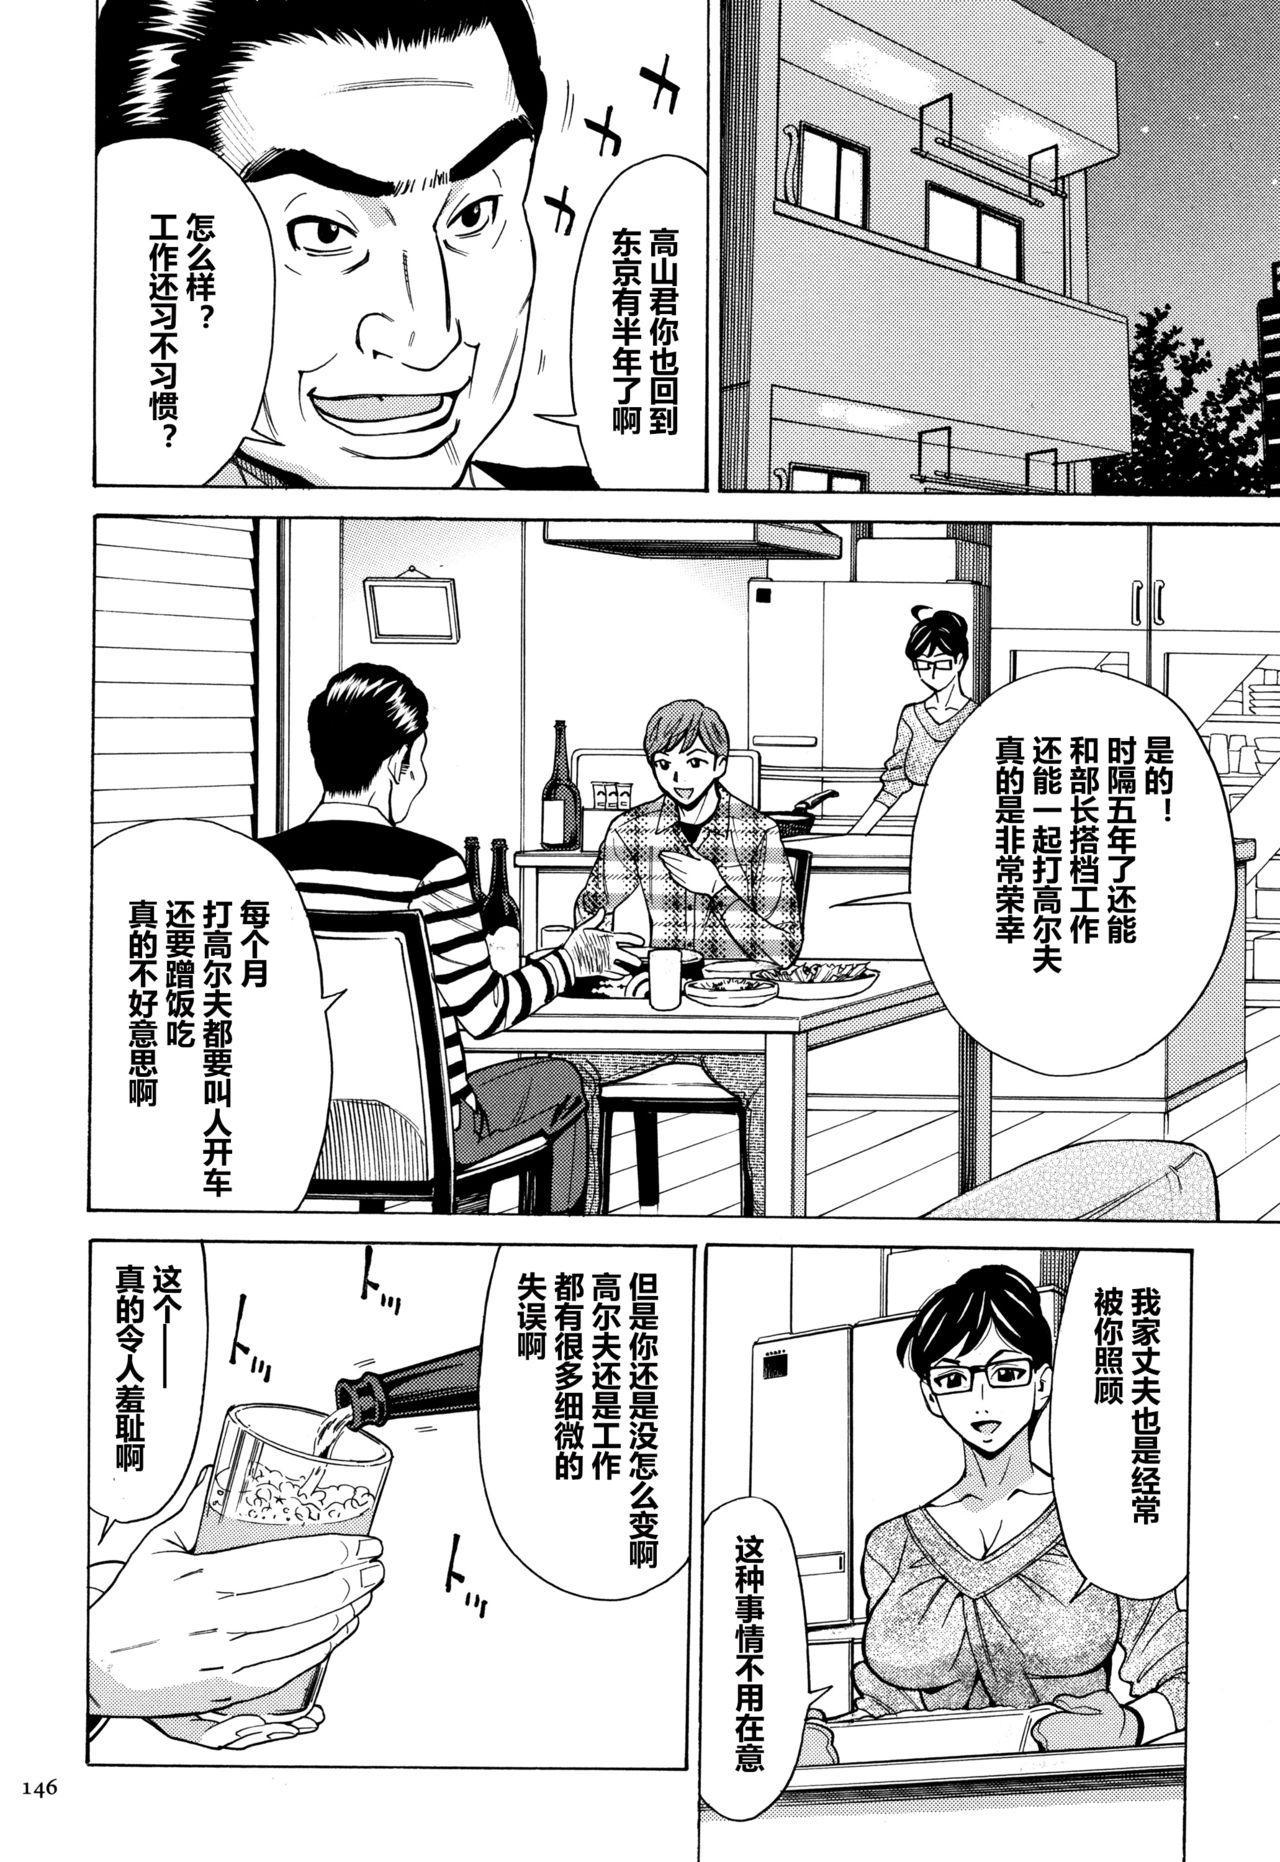 Oba-san dakedo, Daite Hoshii. 146